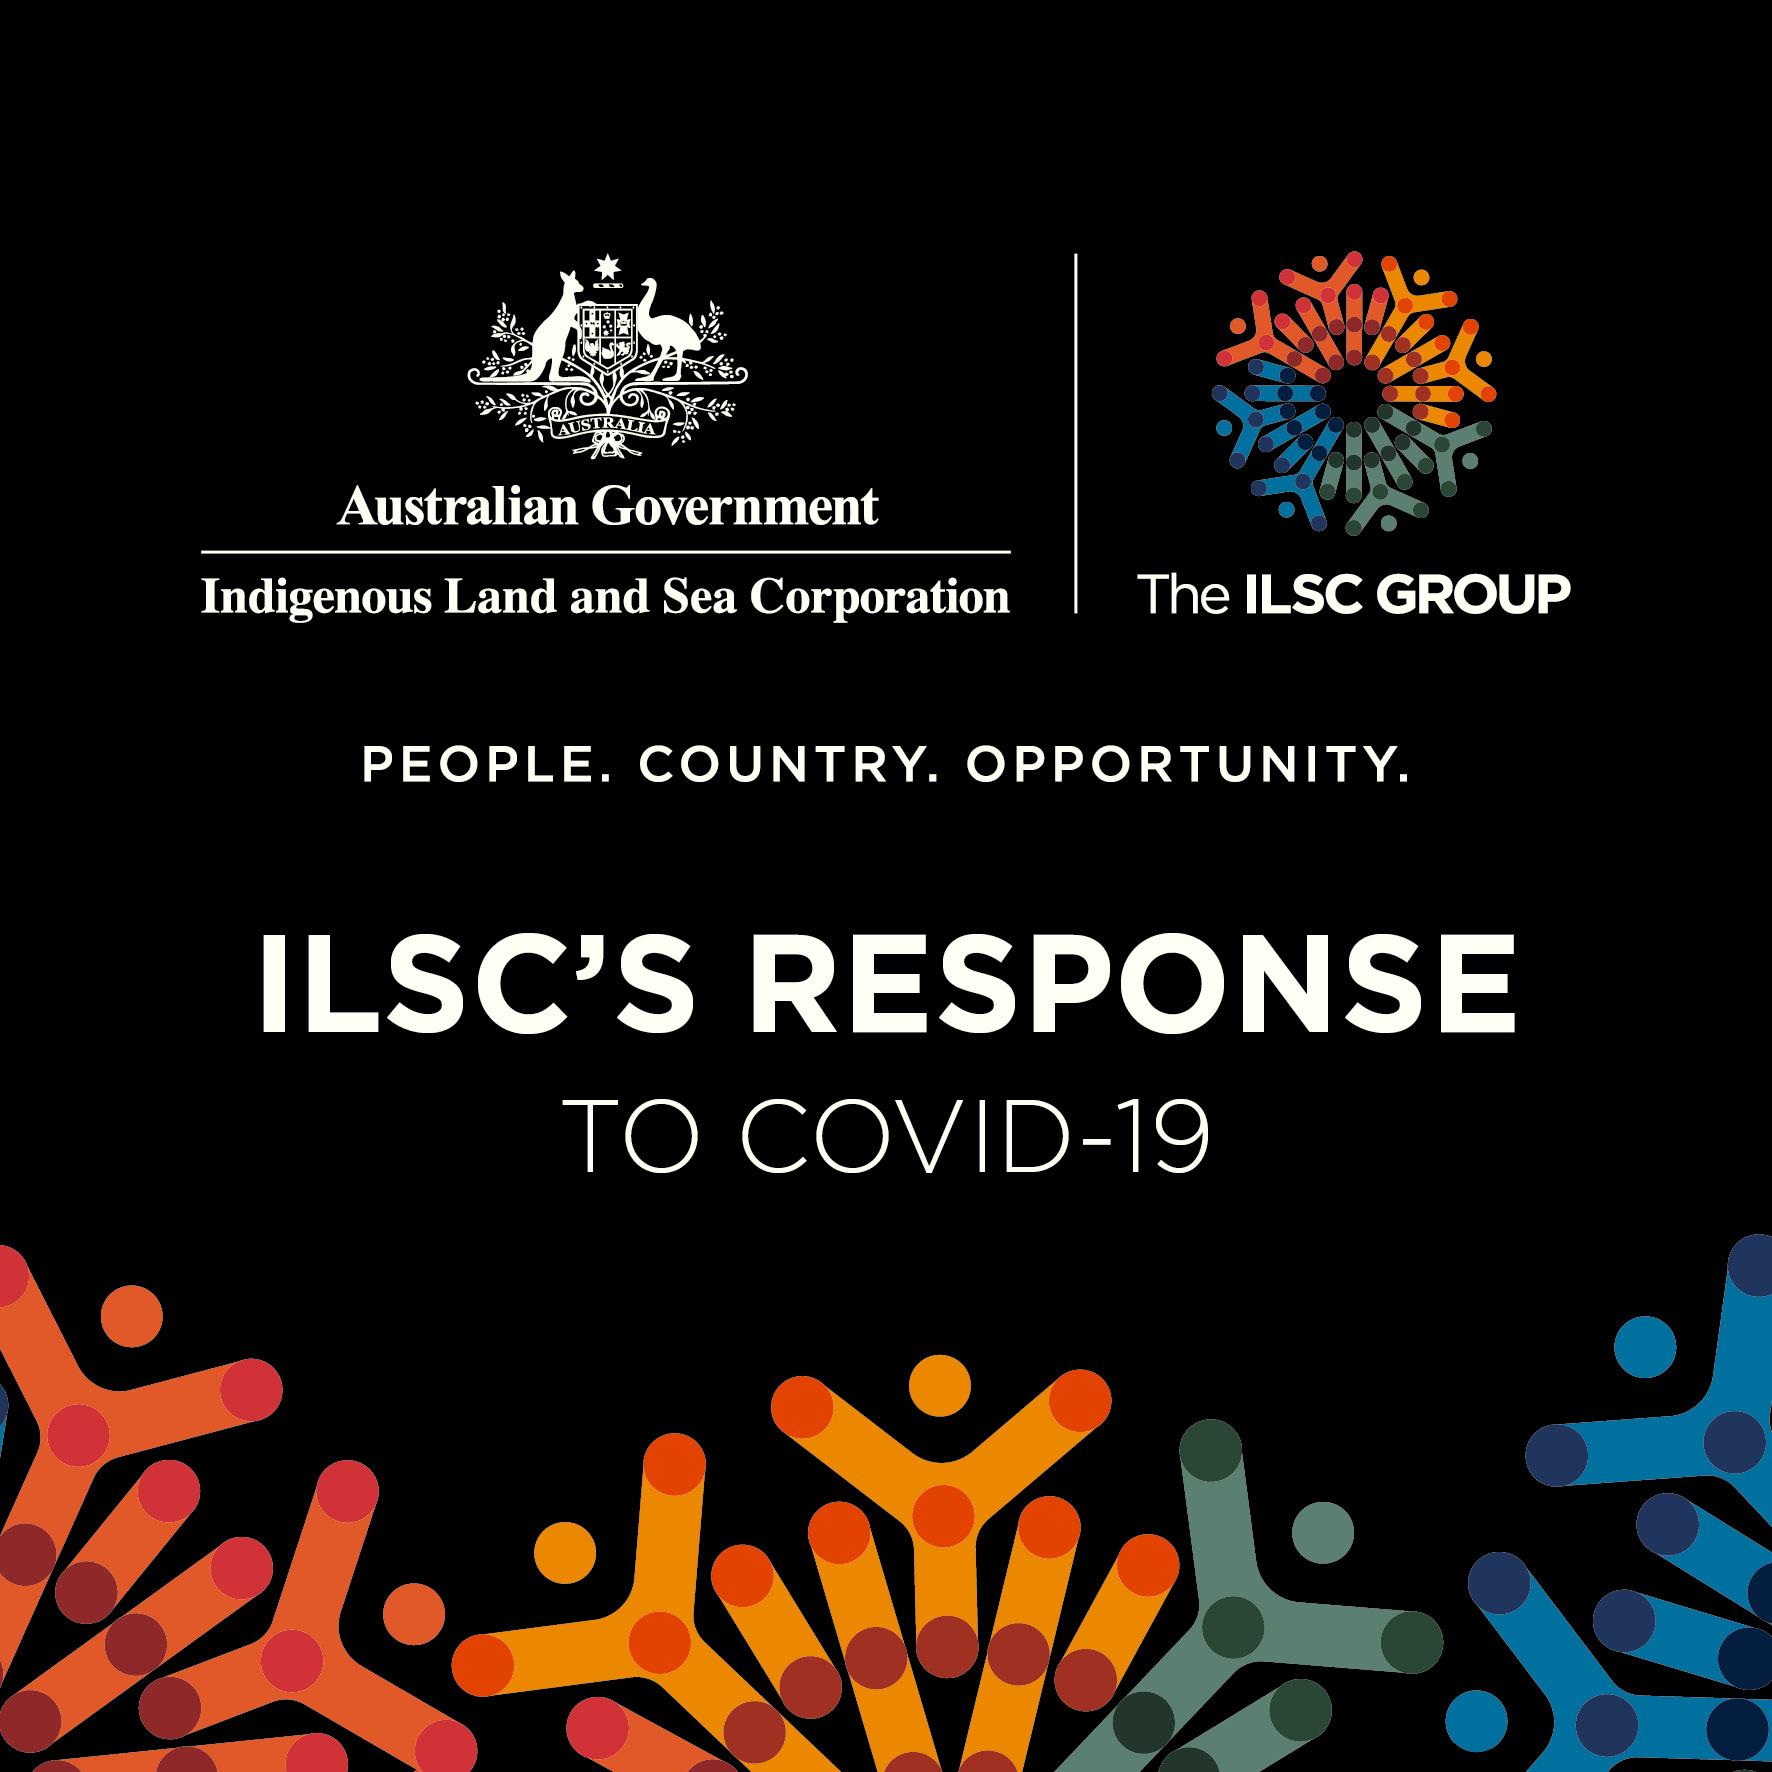 ILSCs COVID-19 Response